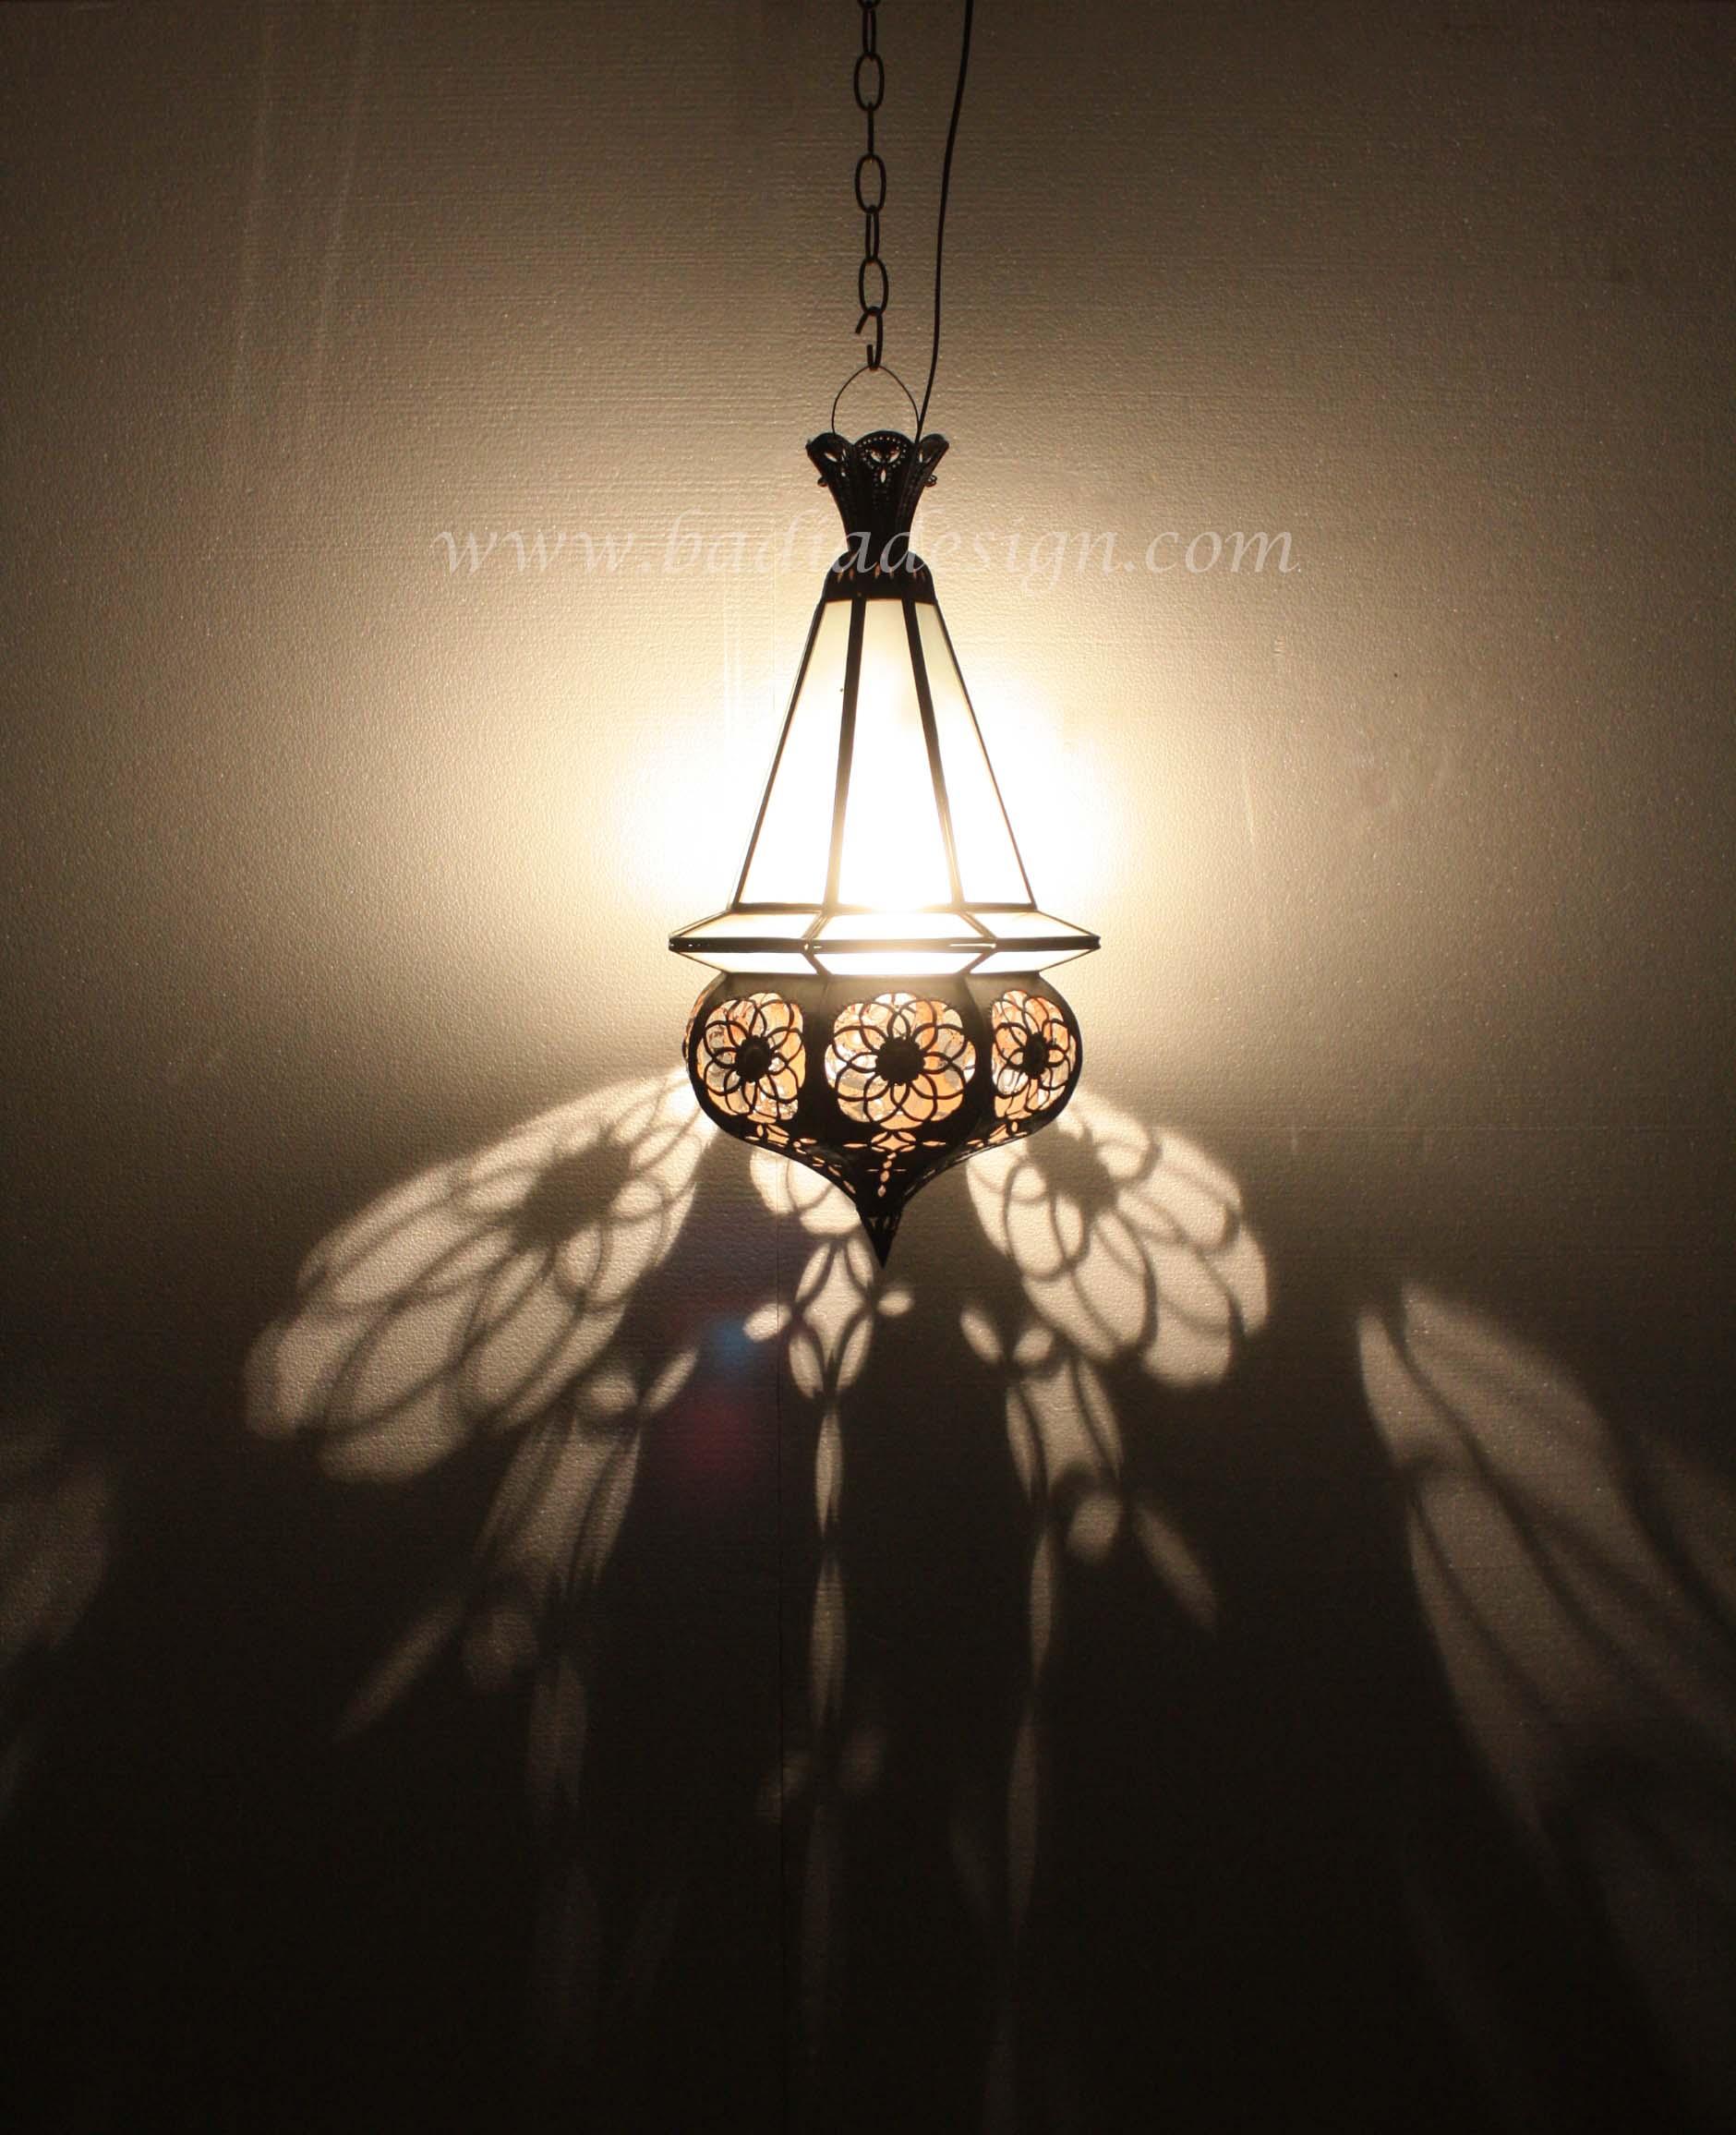 moroccan-white-glass-lantern-lig235-1.jpg